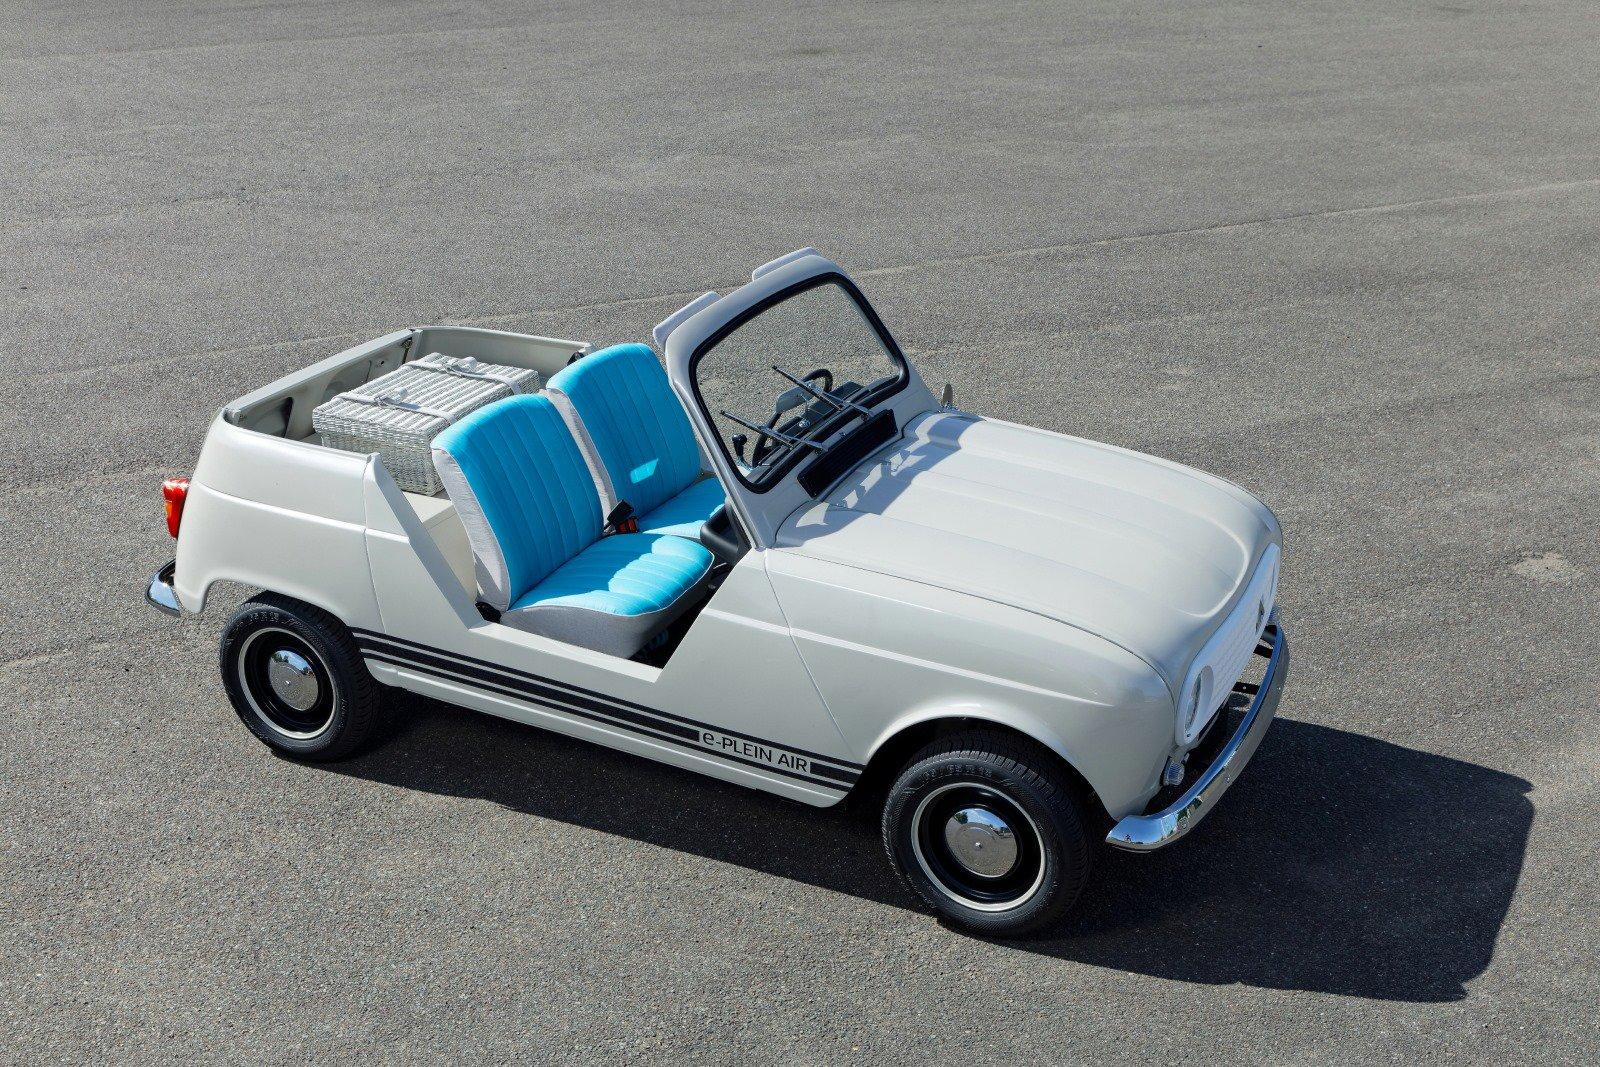 Renault e-plein air concept